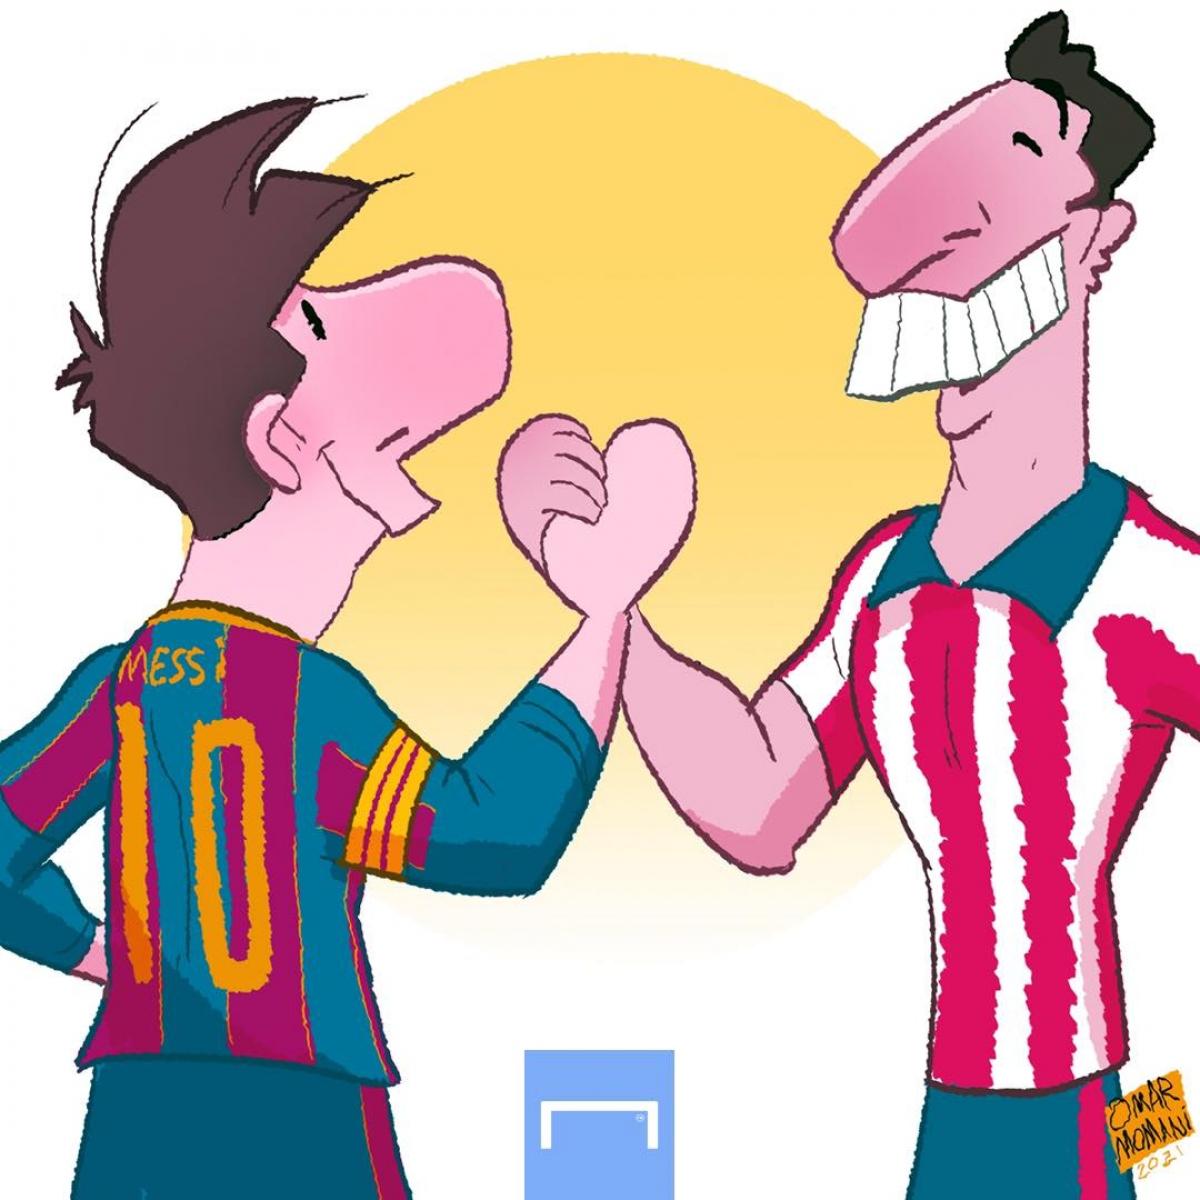 Barca và Atletico Madrid hòa nhau với tỉ số 0-0 ở vòng 35 La Liga.